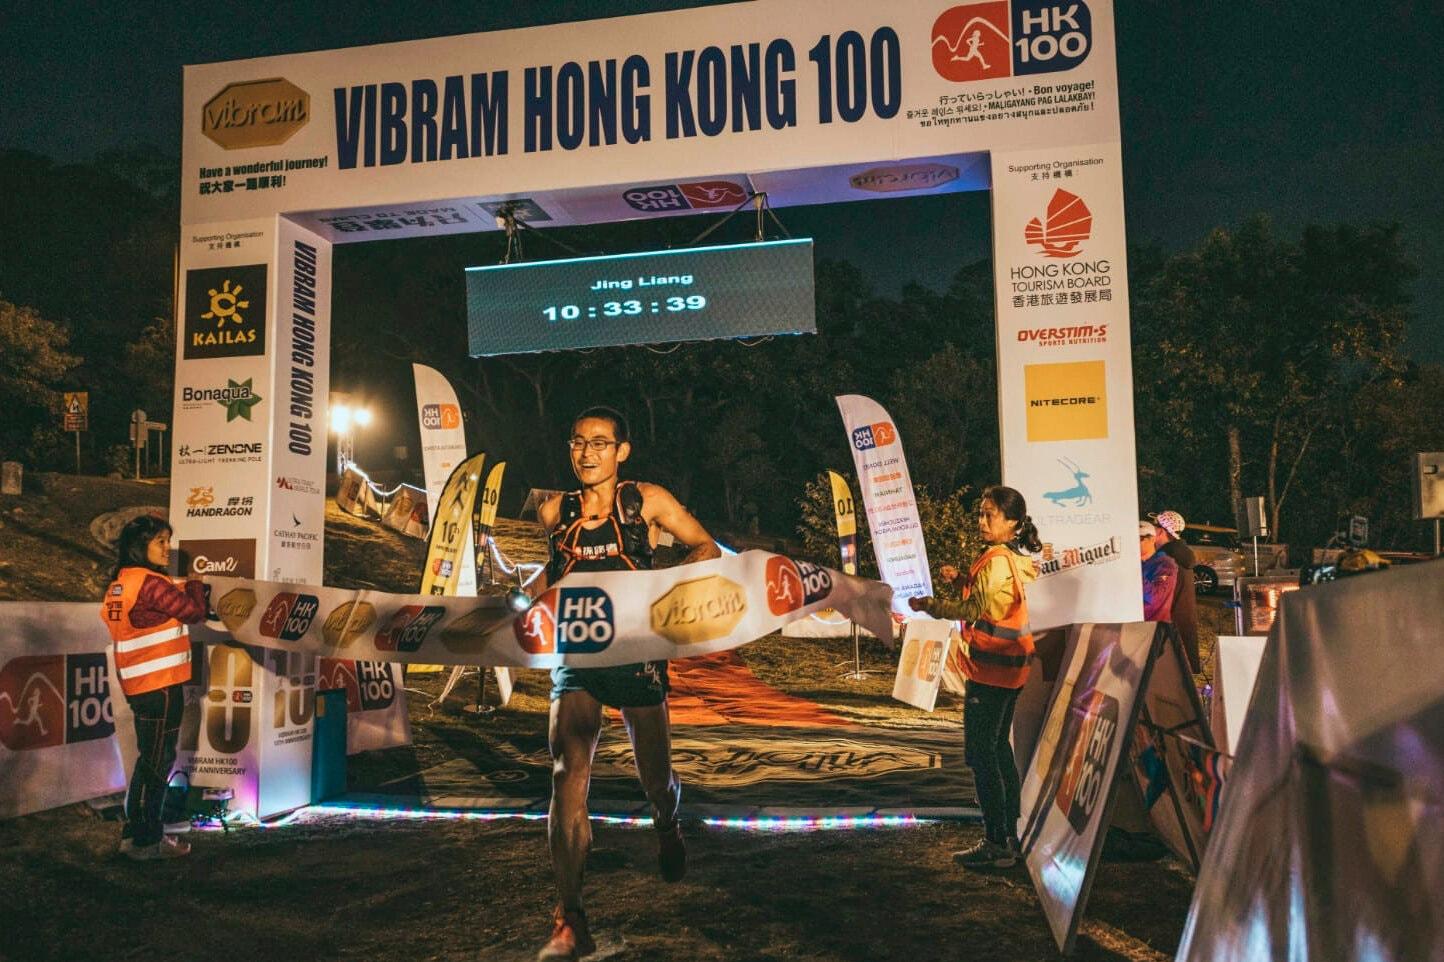 Liang Jing về nhất trong một giải chạy ultra trail ở Hongkong lúc sinh thời. Ảnh: Sportgraf